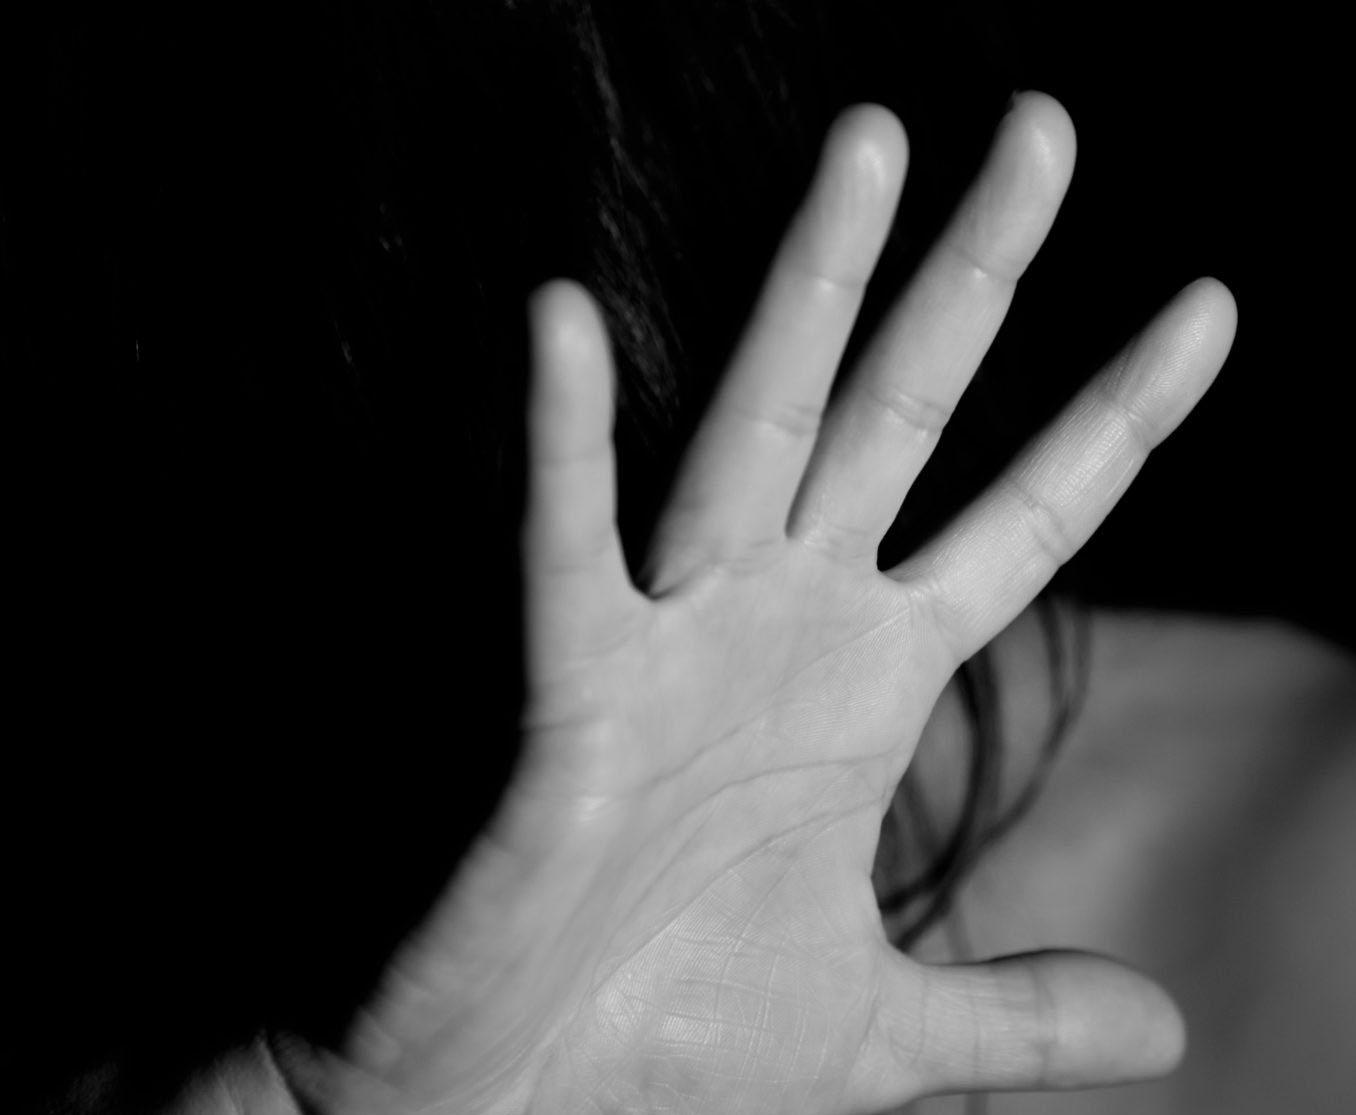 کودکآزاری و همسرآزاری بیشترین موارد گزارش شده به اورژانس اجتماعی در فارس